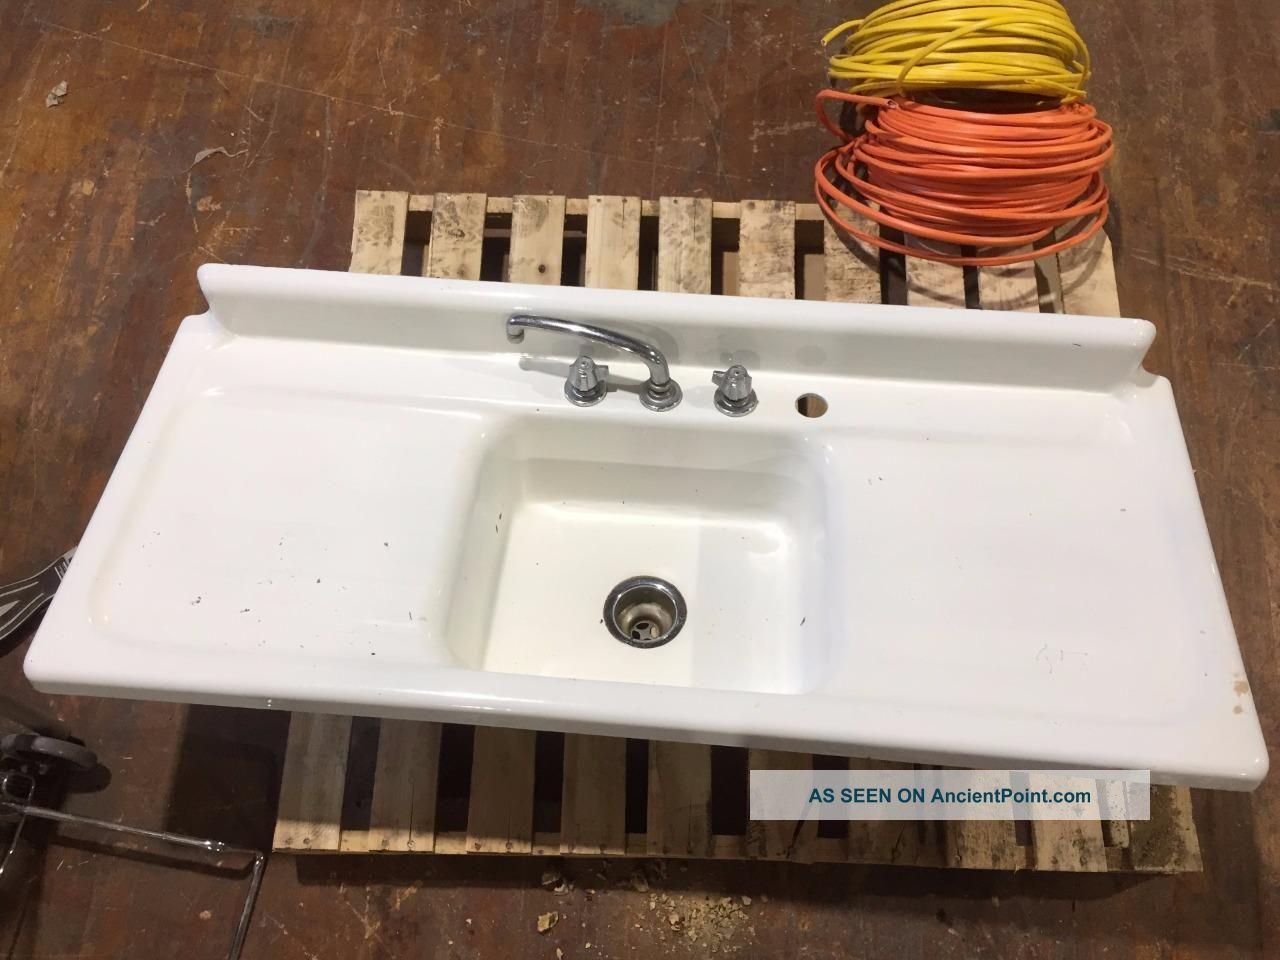 Vintage Double Drainboard Porcelain Cast Iron Farmhouse Sink Antique 54